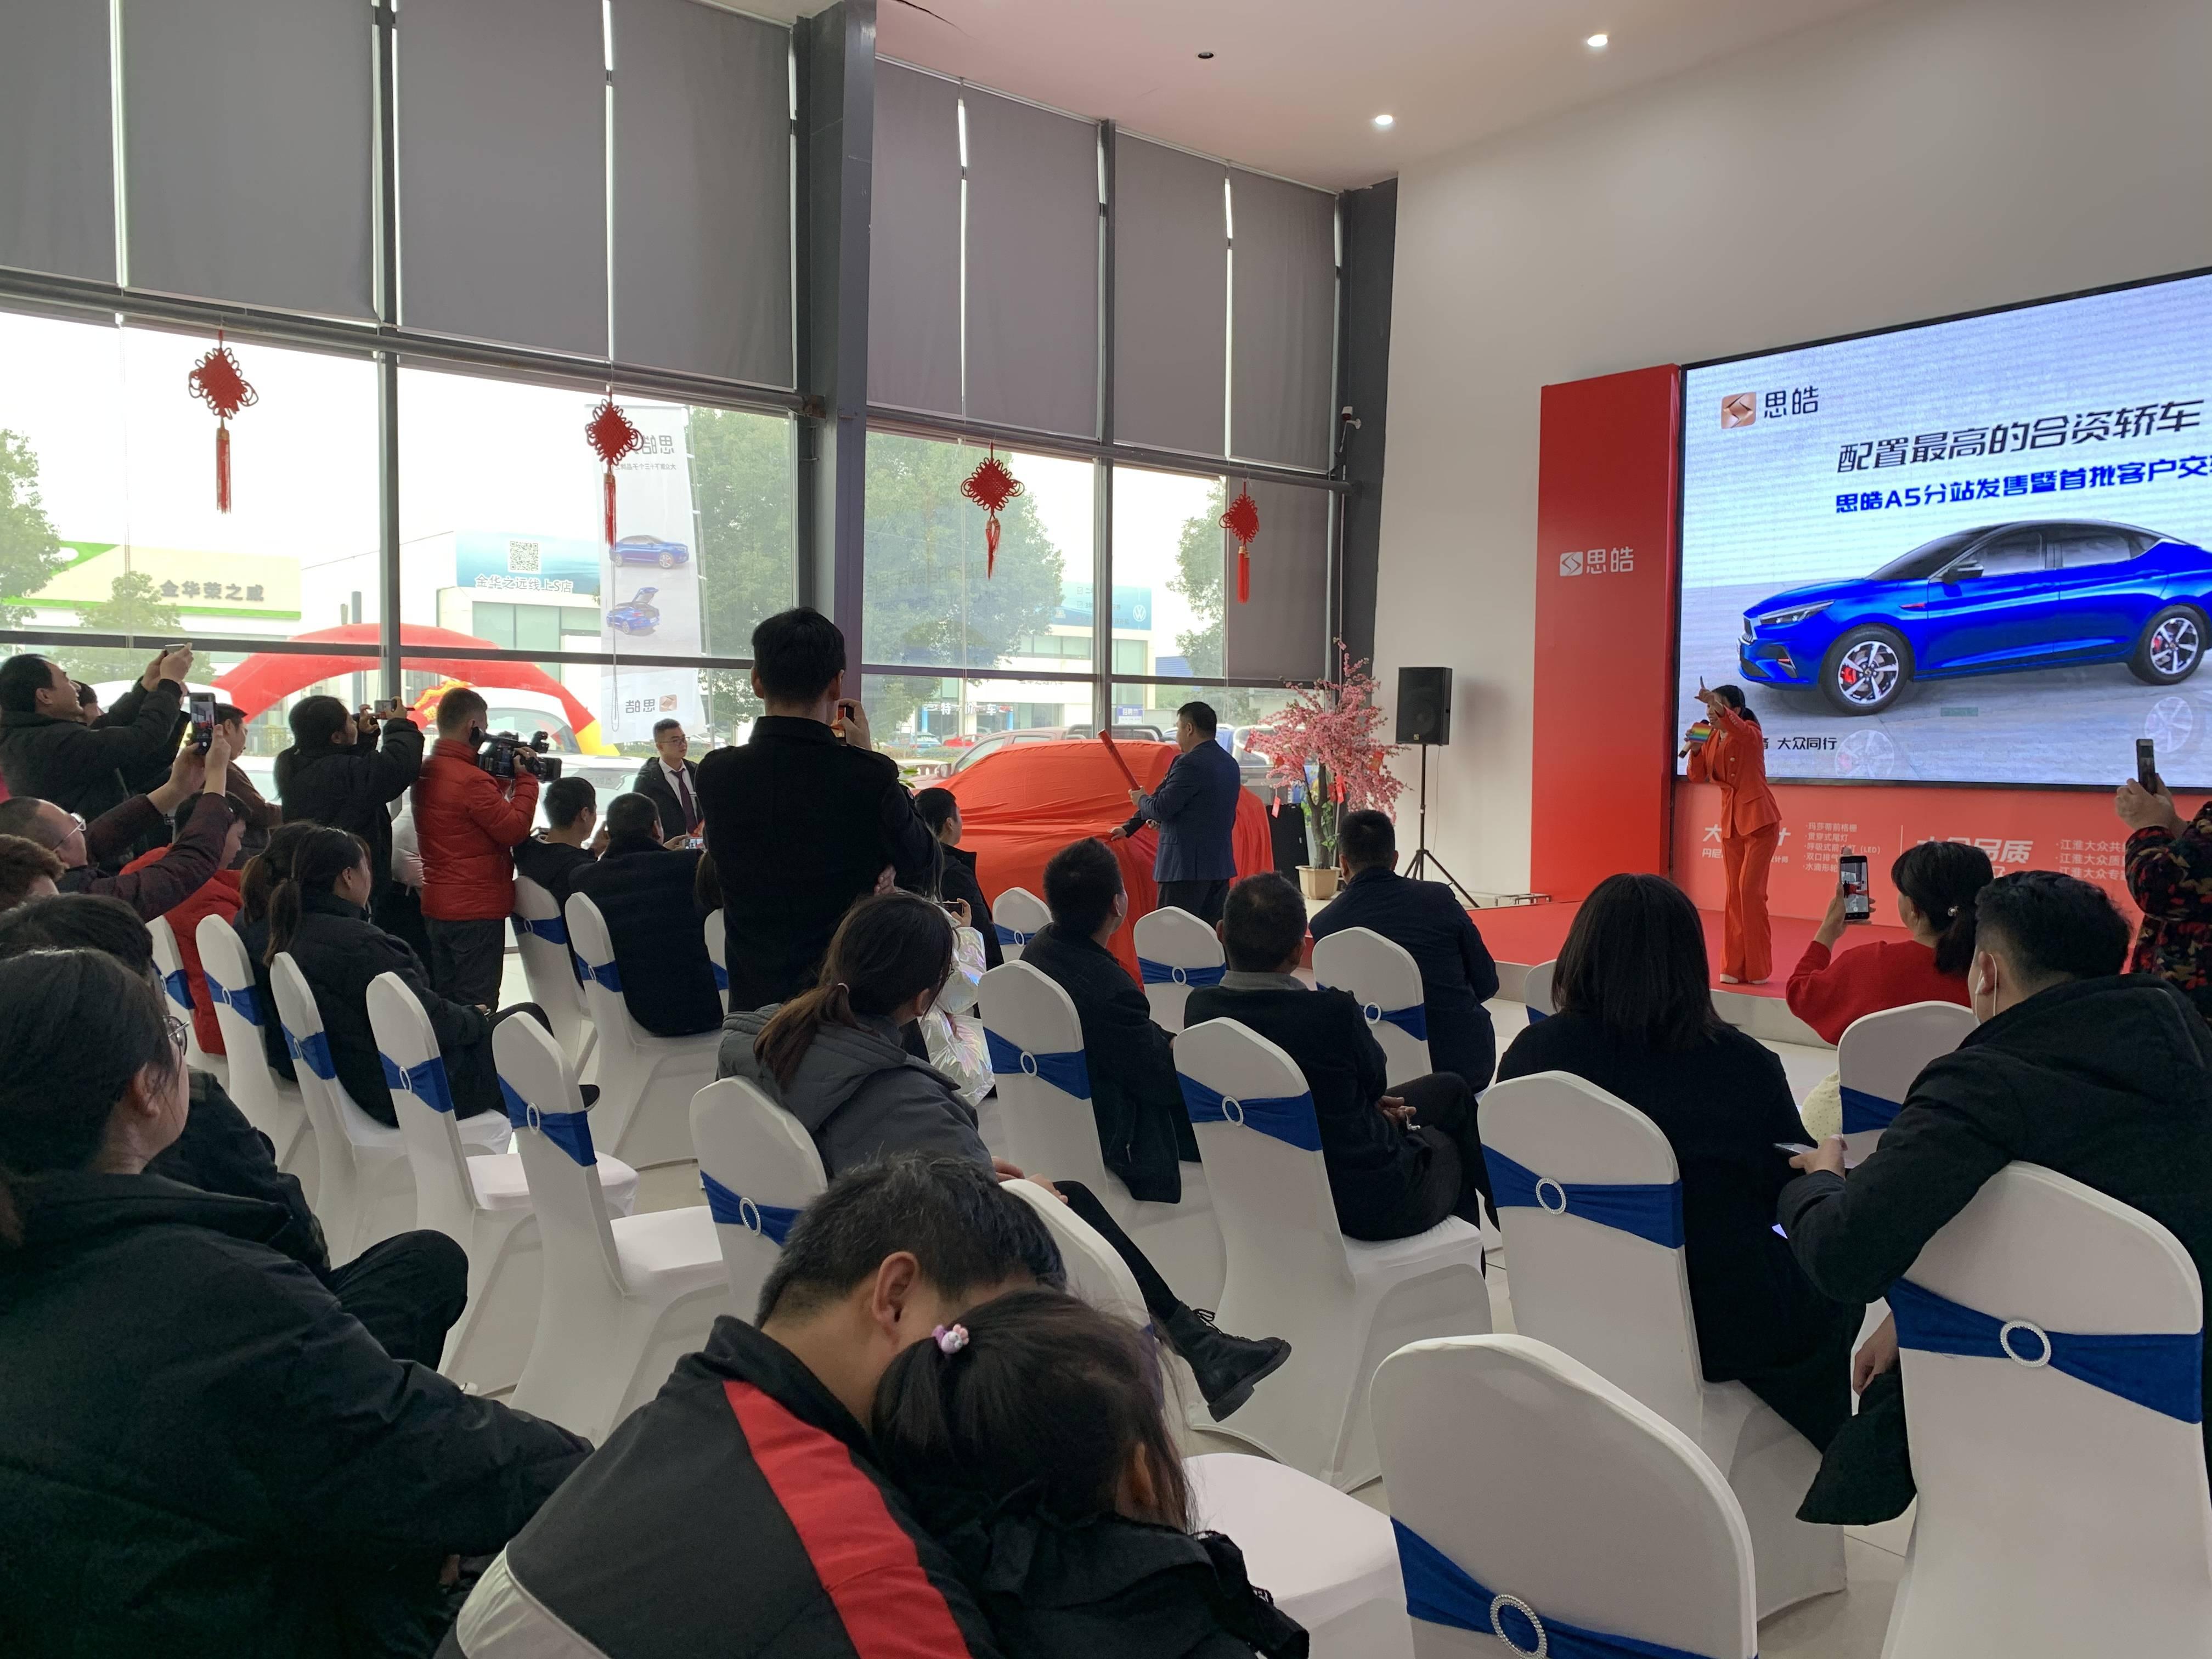 金华JAC 4S店四耀A5分站销售和第一批客户交付仪式圆满结束